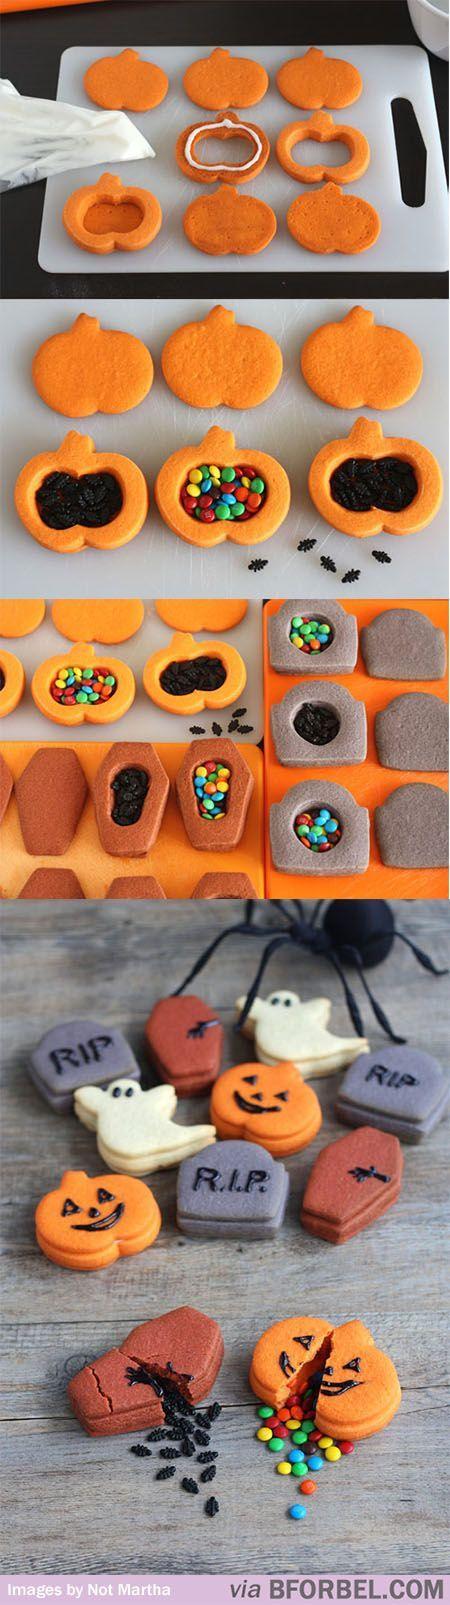 Biscuits surprise en forme de citrouille, cercueil et pierre tombale #Halloween